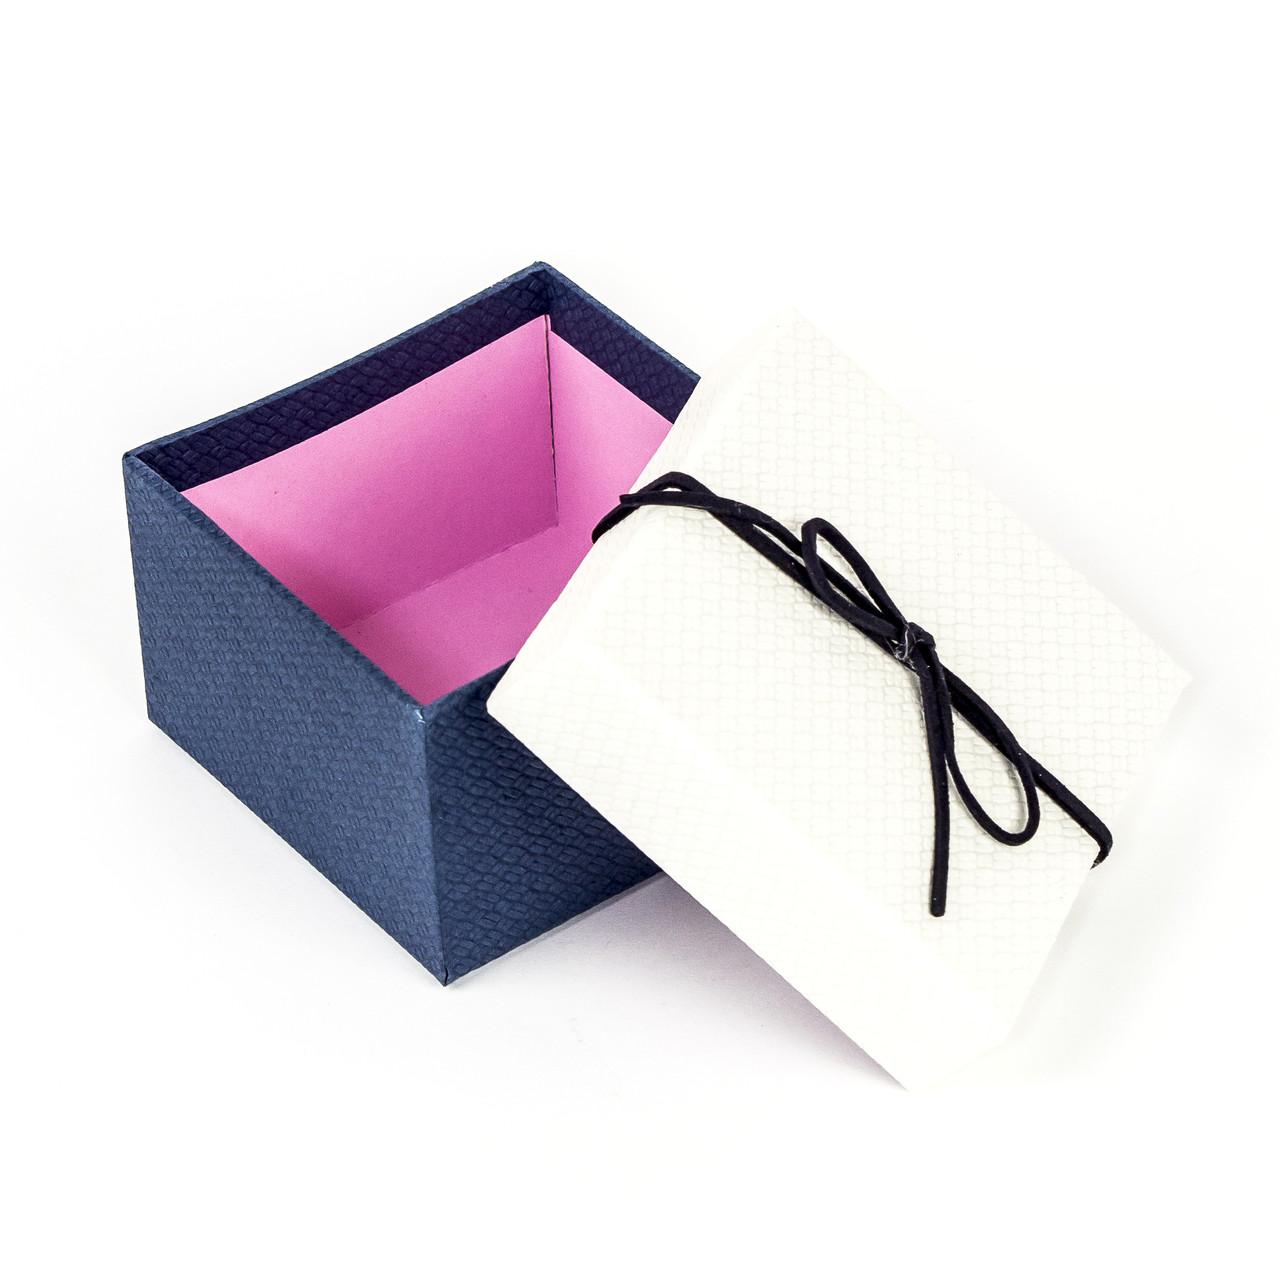 Подарочная коробка под бижутерию белая с синим бантиком 9 x 9 x 5,8 см